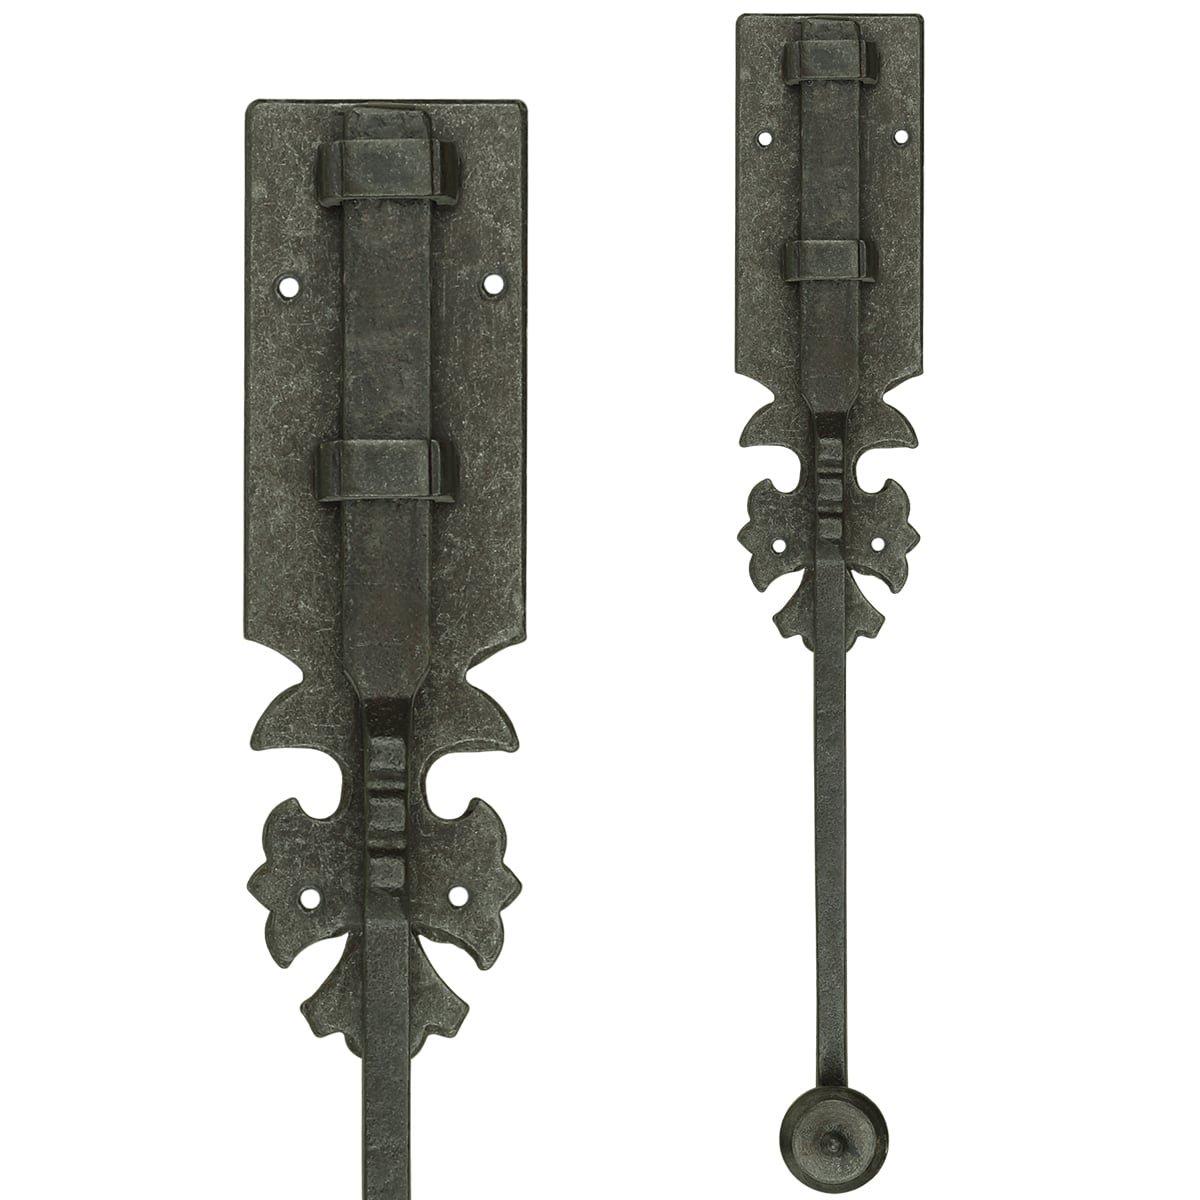 Türbeschläge Türschlösser Türriegel aufbau mit schlossplatte - 310 mm